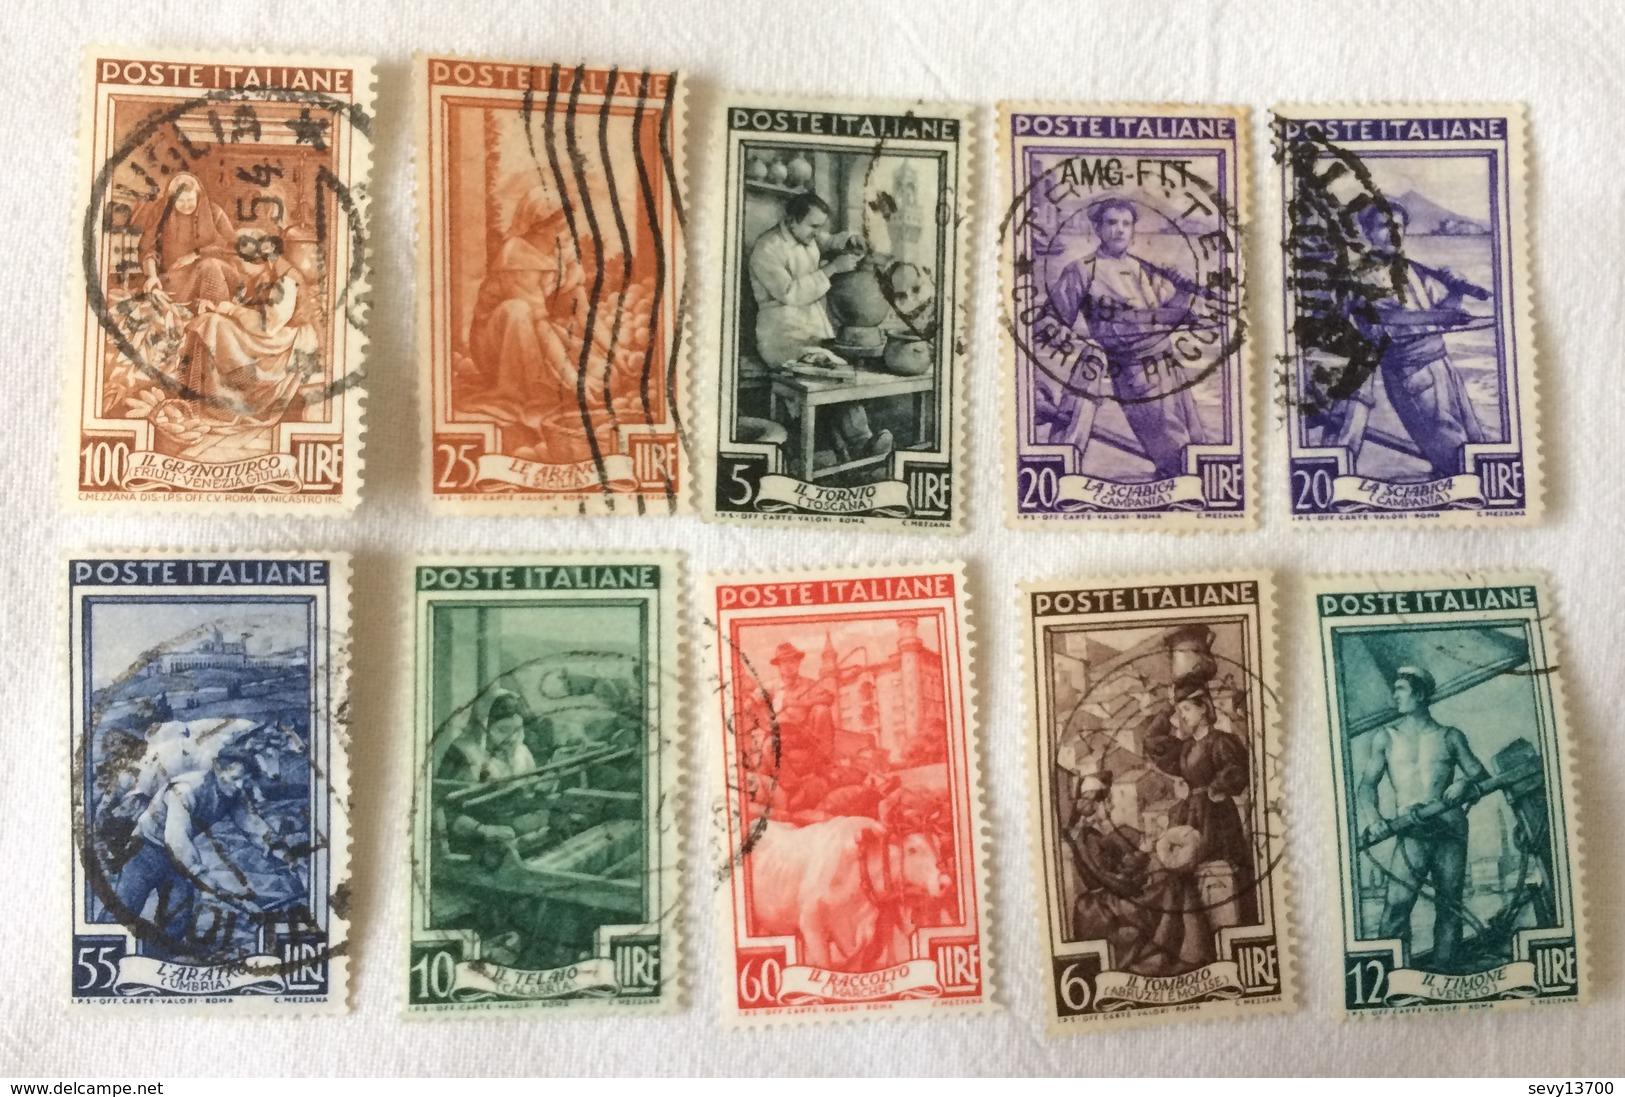 Italie - Lot De 10 Timbres Année 1950 - Mi IT 810 - 811 - 812 - 813 - 815 - 816 - 821 - 822 - 824 - 6. 1946-.. Republik